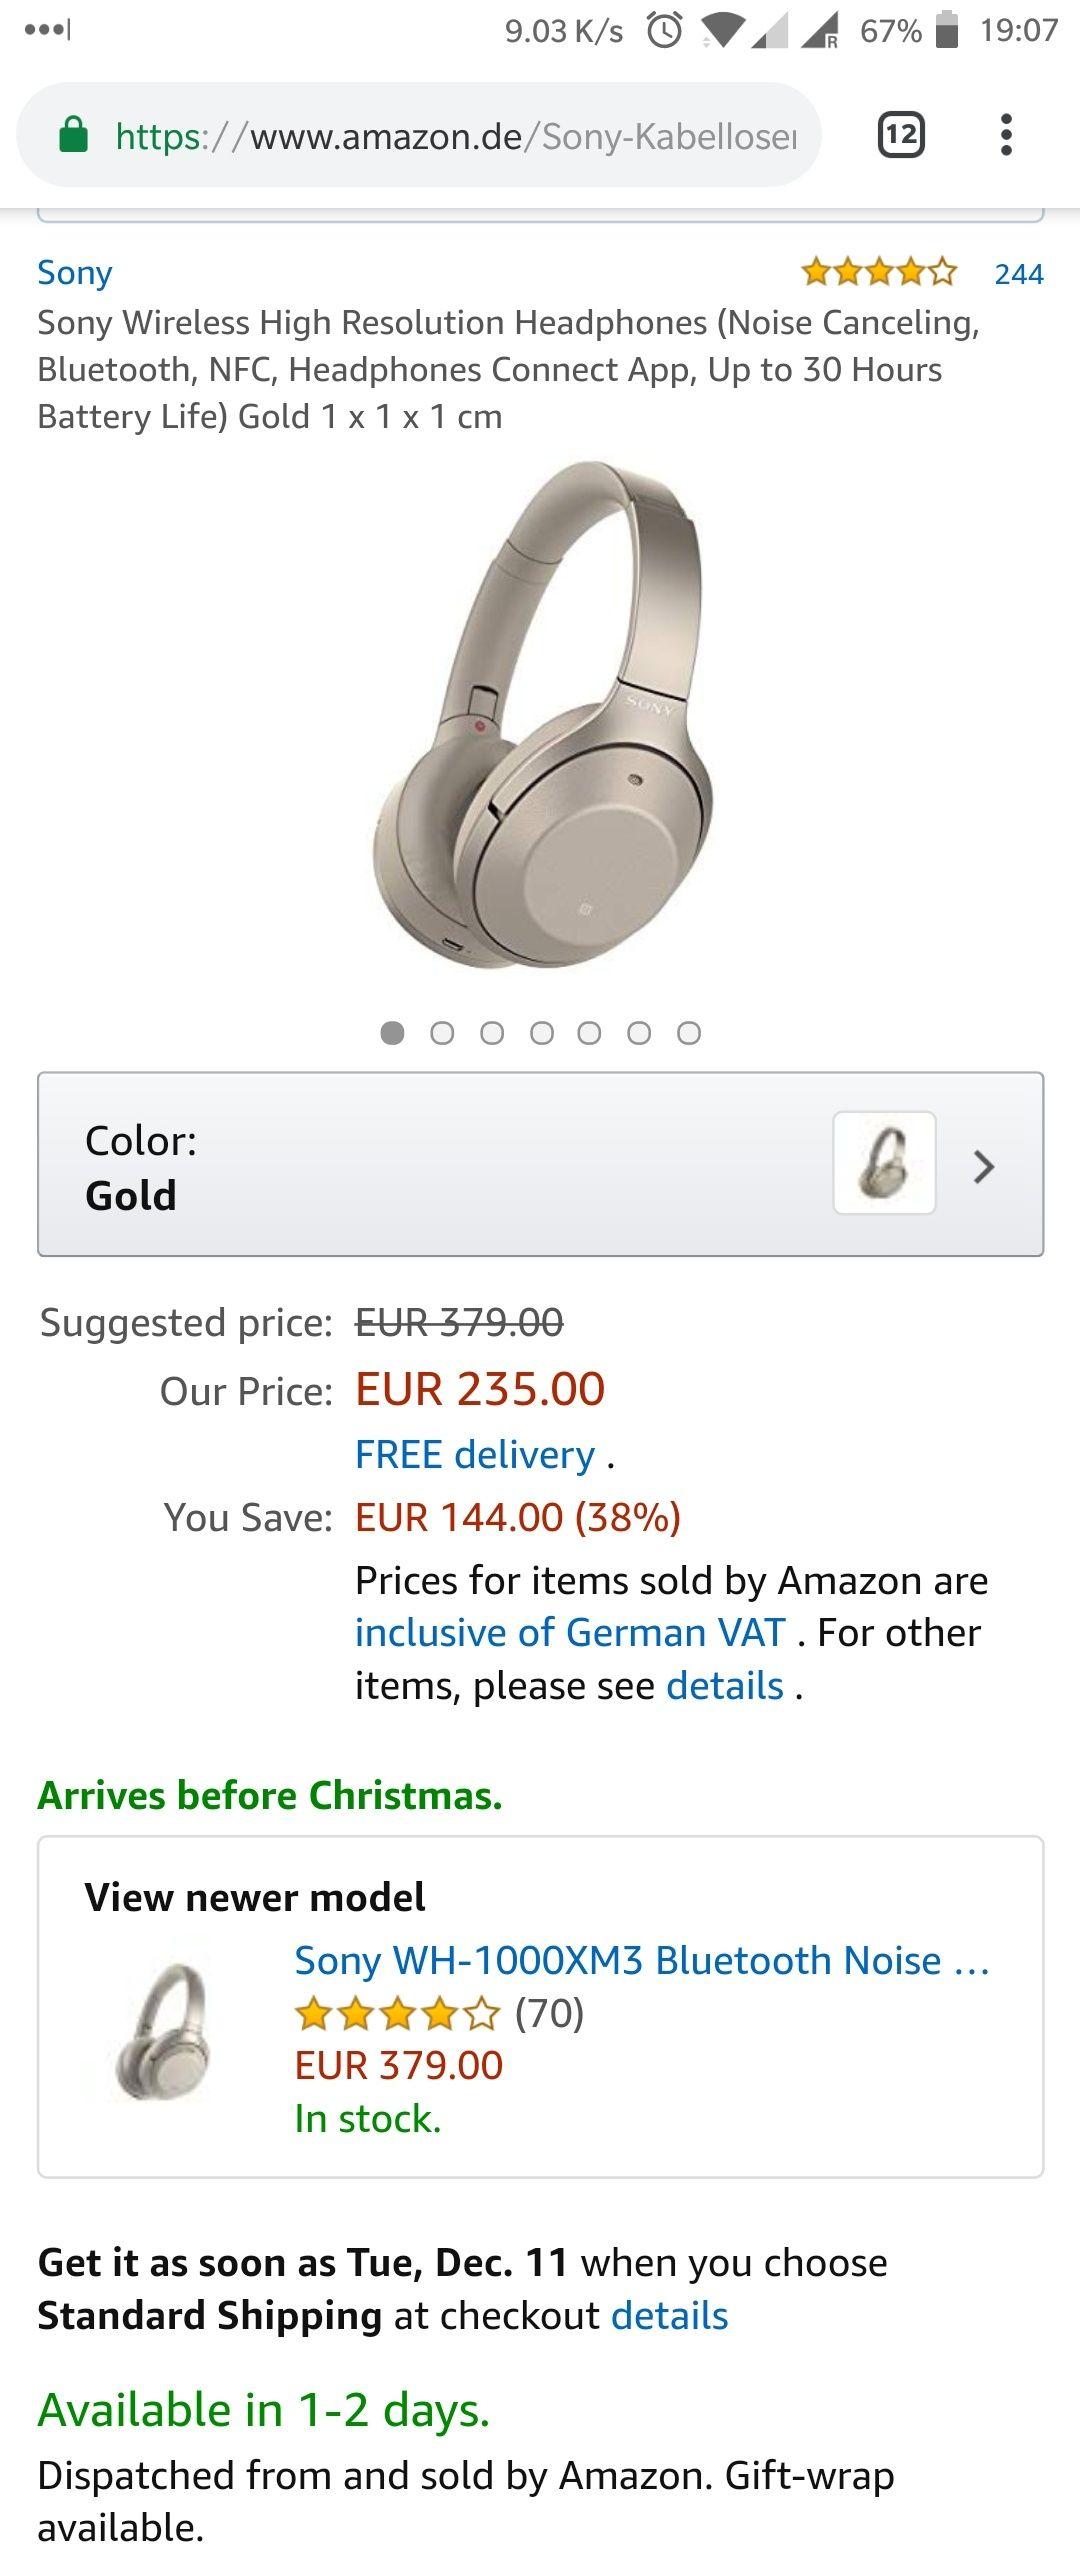 Sony Draadloos Noise Cancelling Koptelefoon WH-1000XM2 @ €235 - amazon.de